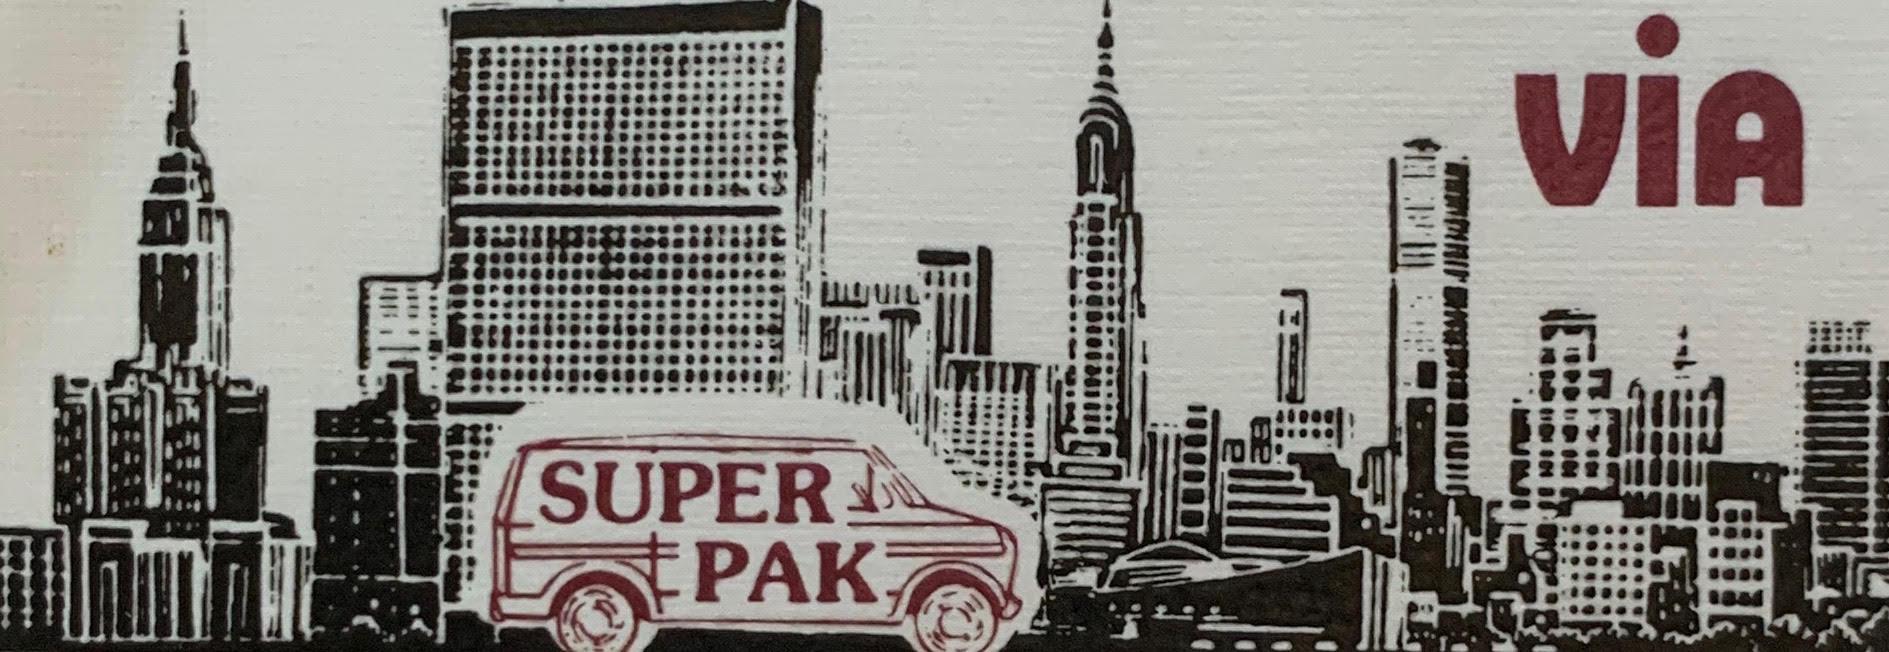 Super Pak Logo 5.24.07 PM